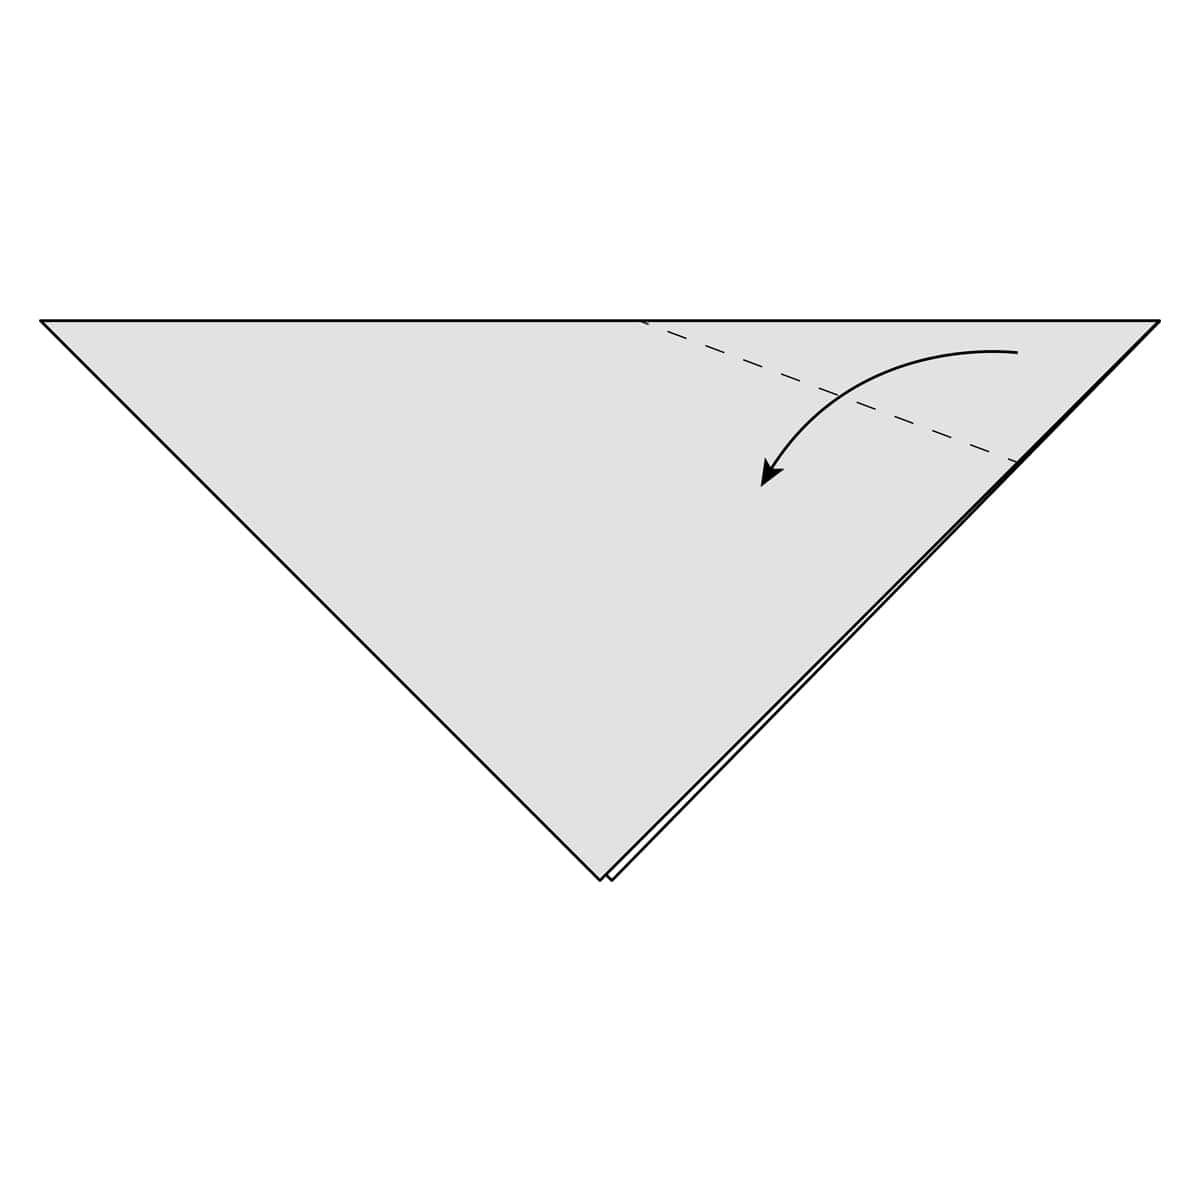 Inside Reverse Fold Step 2